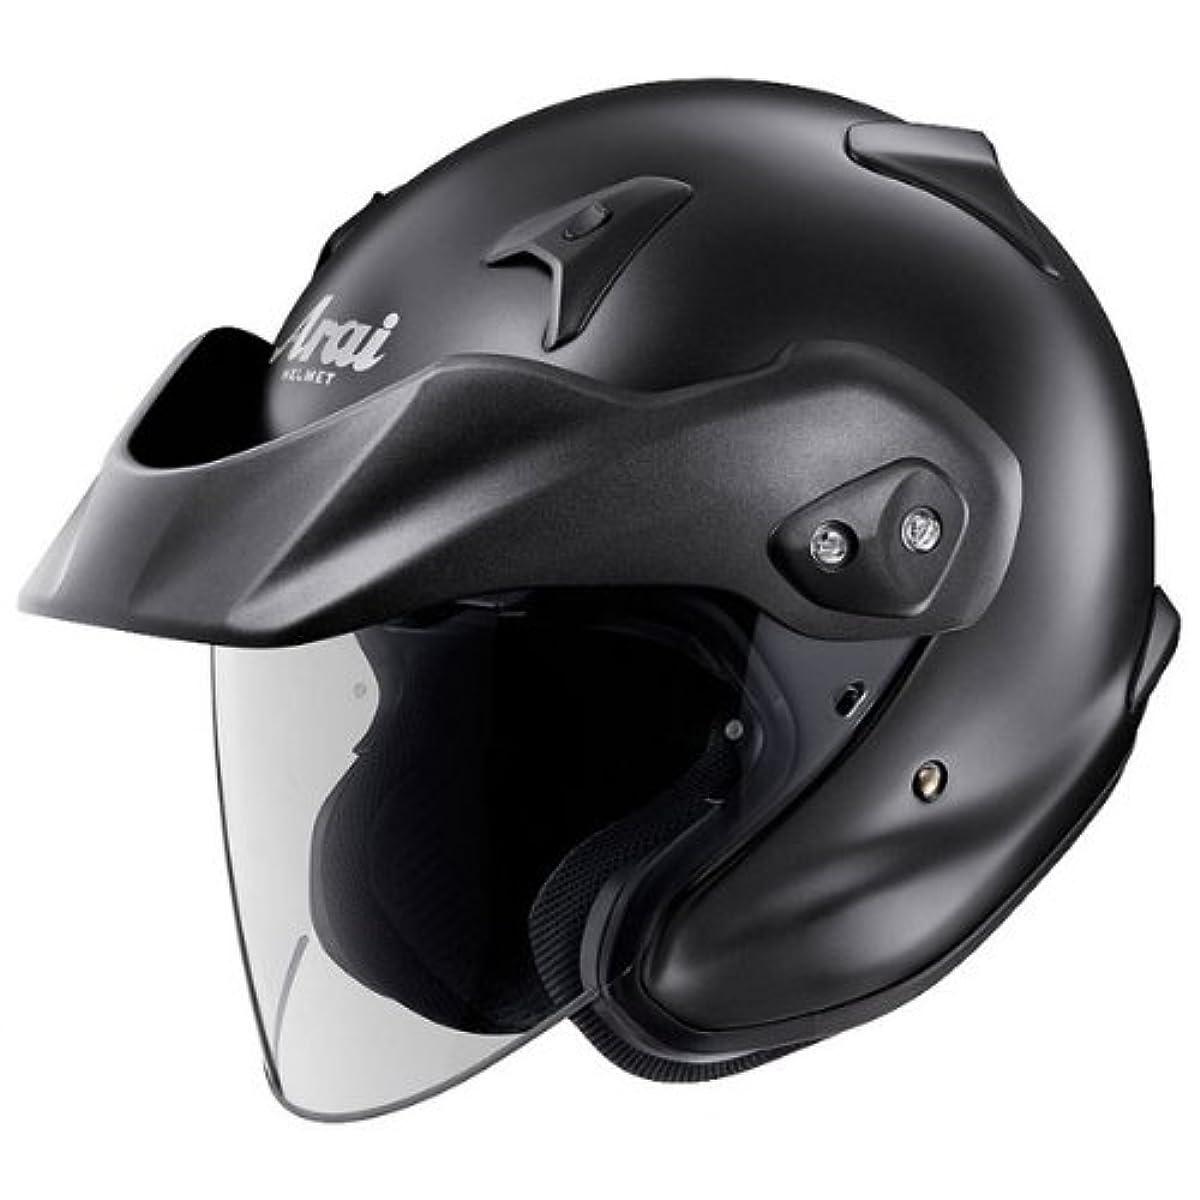 [해외] 아라이 오토바이 헬멧 제트 CT-Z 플랫 블랙 M 57-58CM